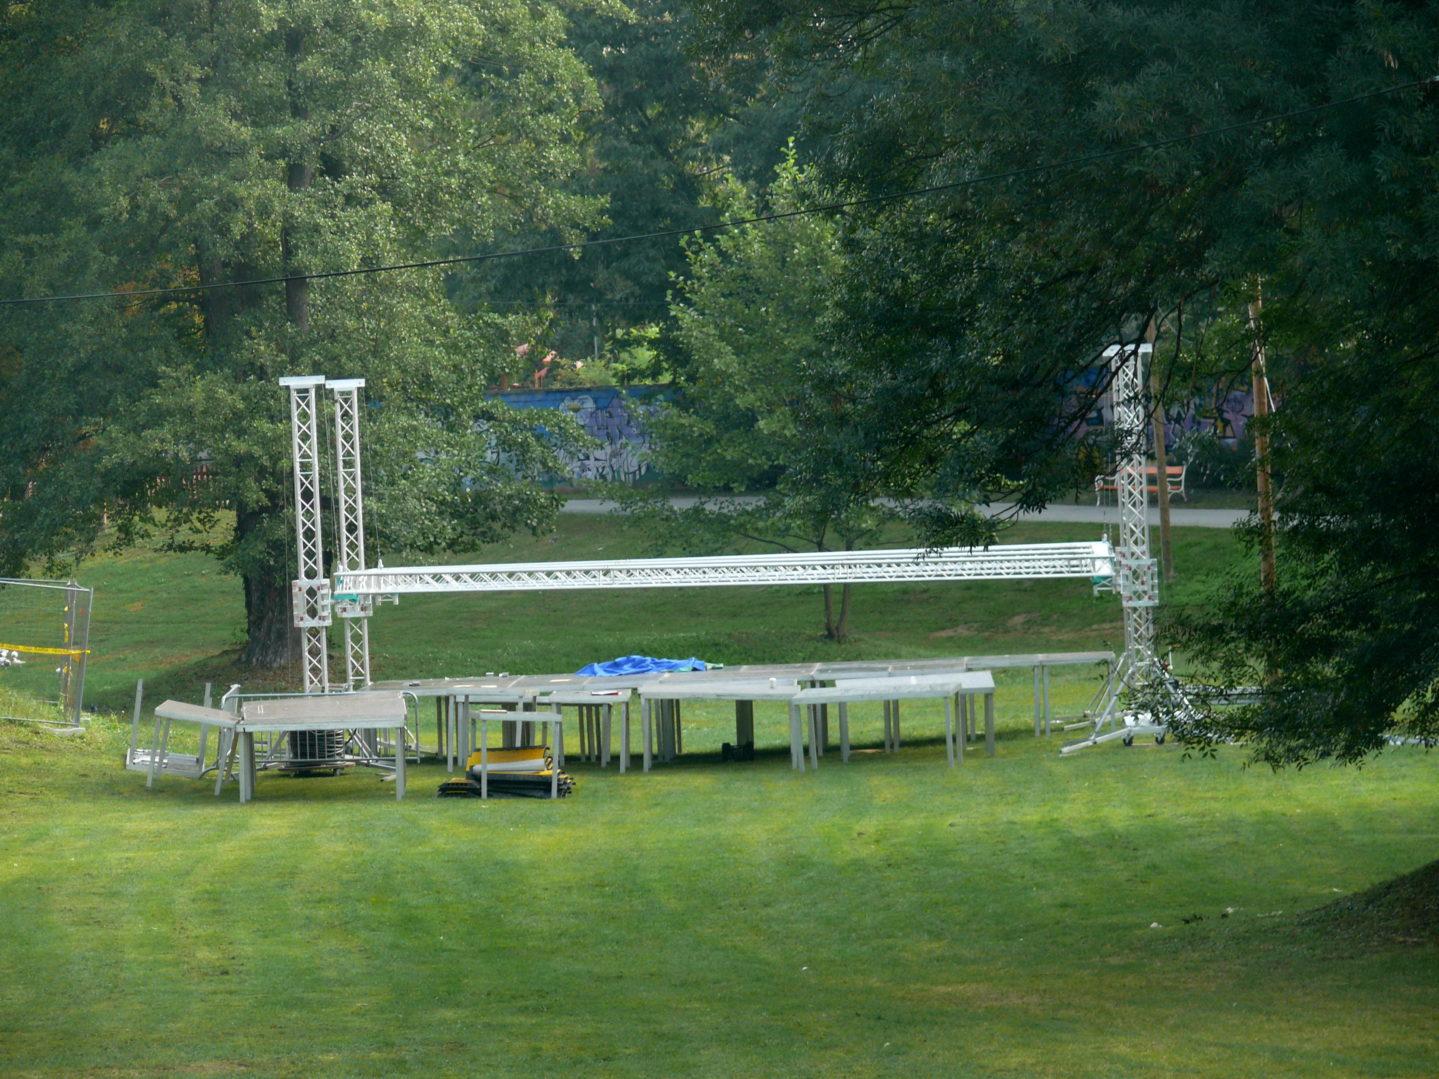 Festivalska pozornica 3FF Festivala alternative ovog ljeta izmještene je na novu lokaciju u čakovečkom parku